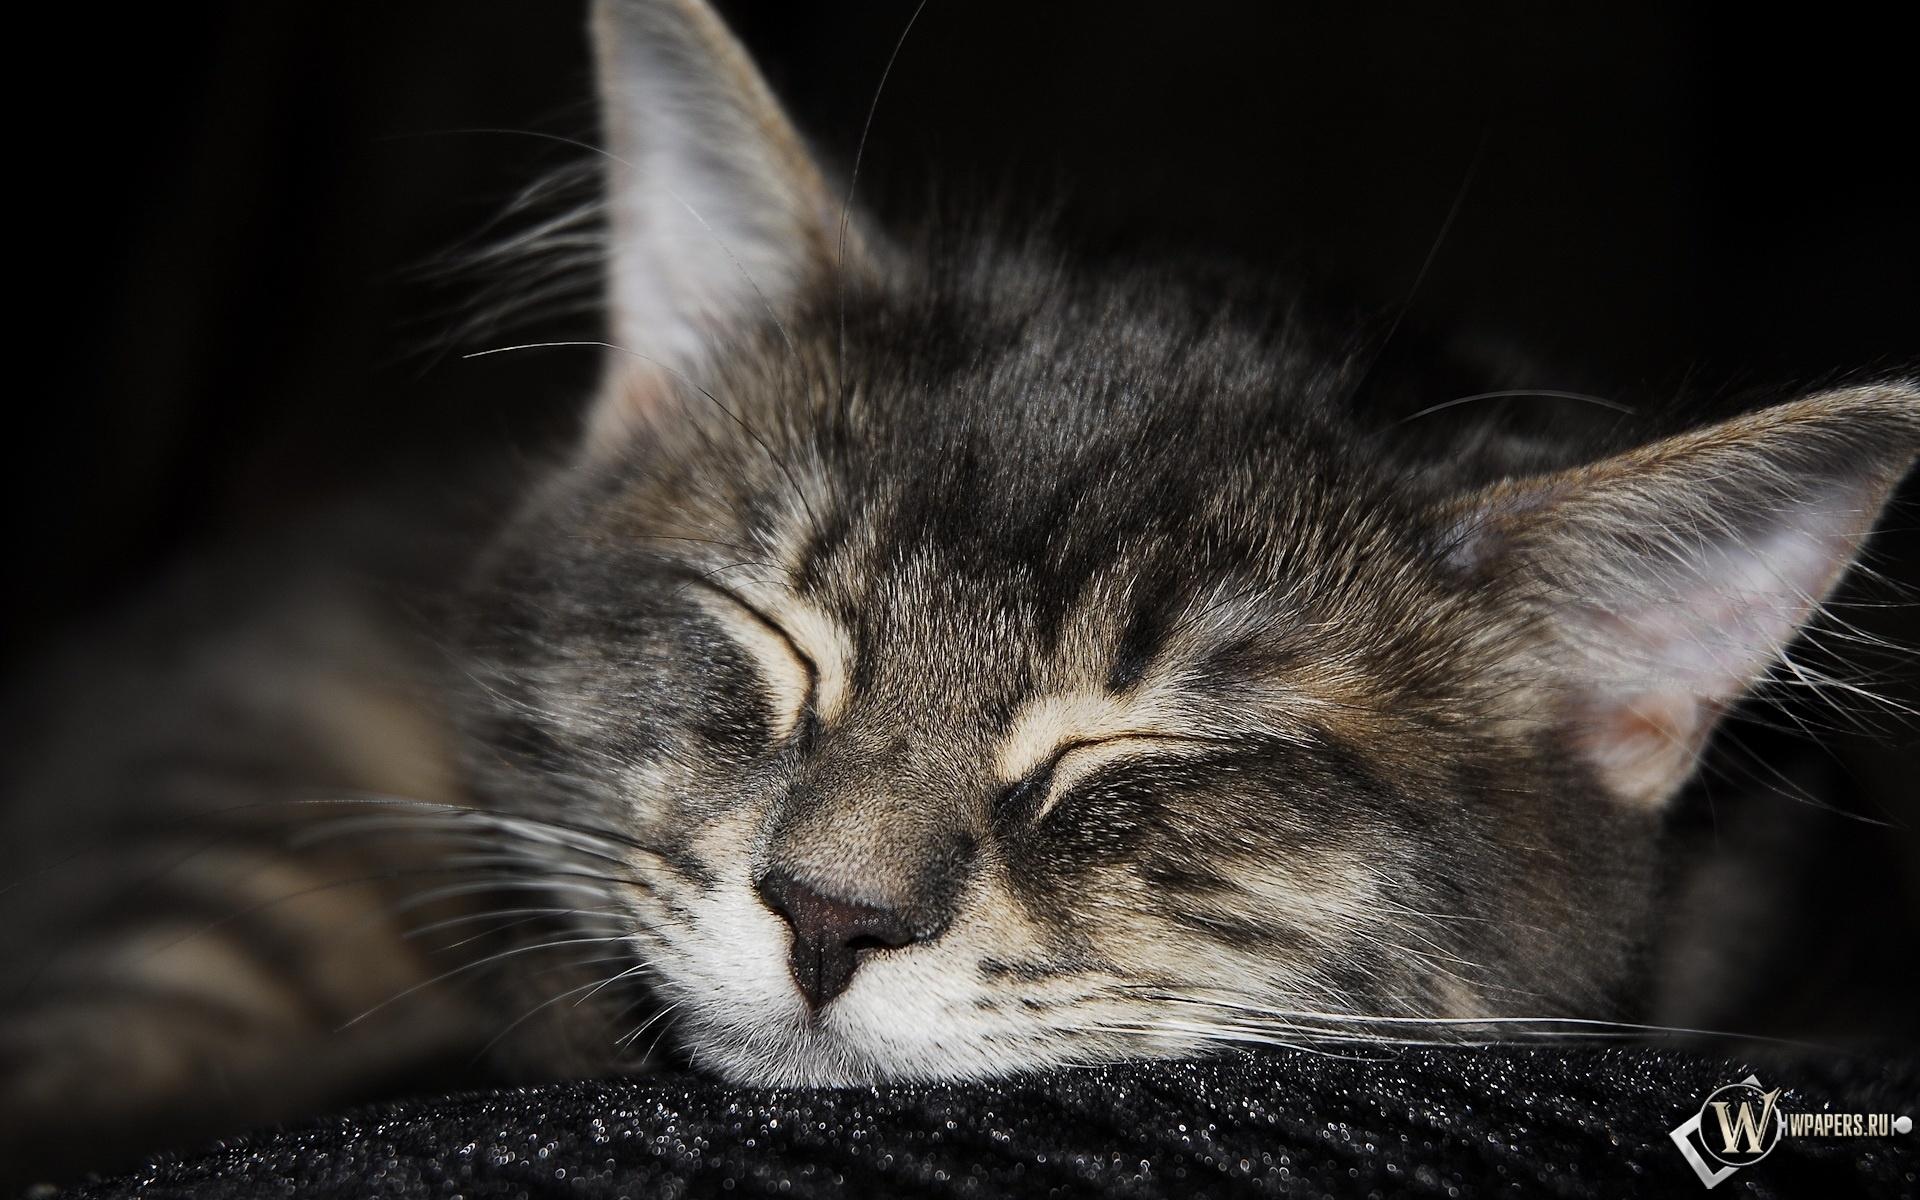 кот спит 1920x1200